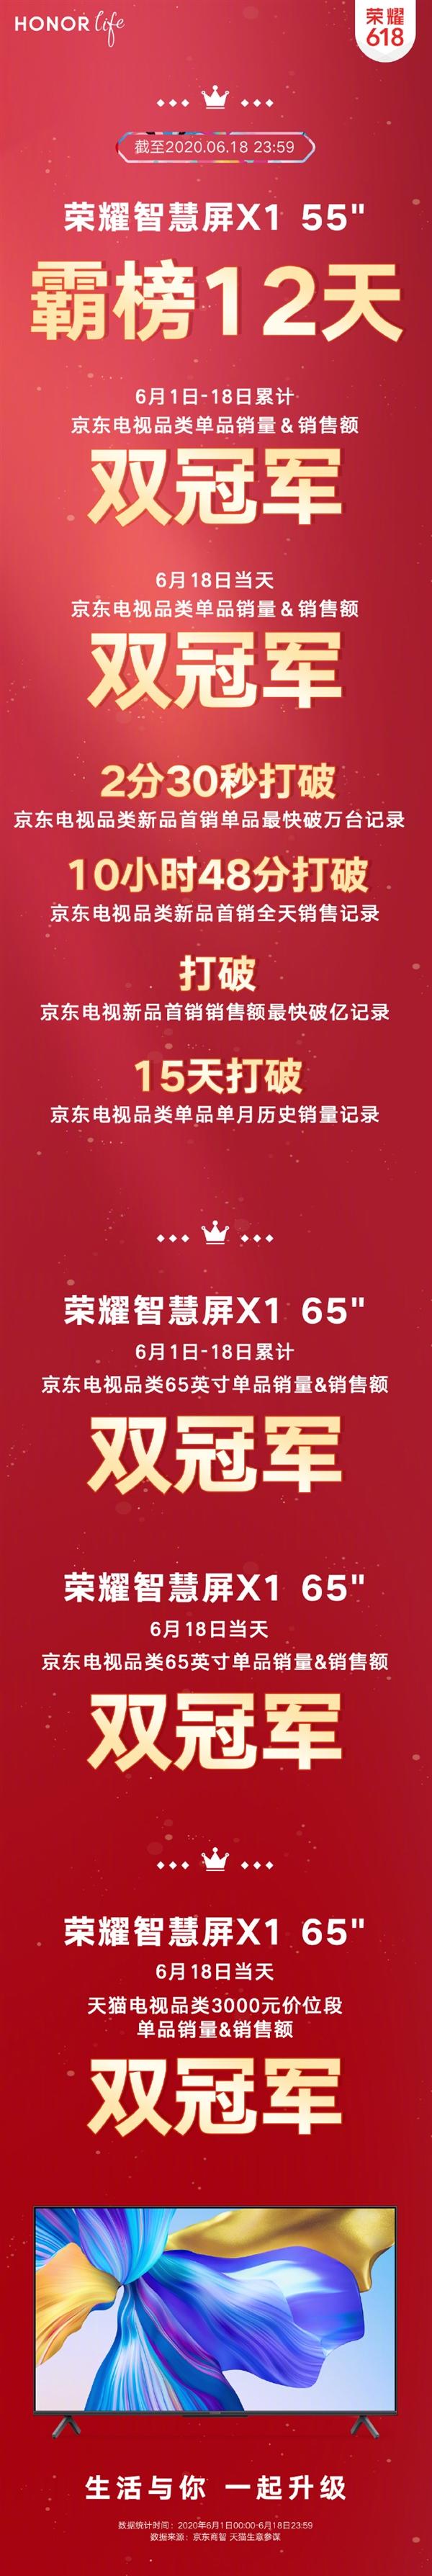 荣耀聪慧屏X1 618收官:霸榜12天、斩获10项冠军、打破4项历史记录